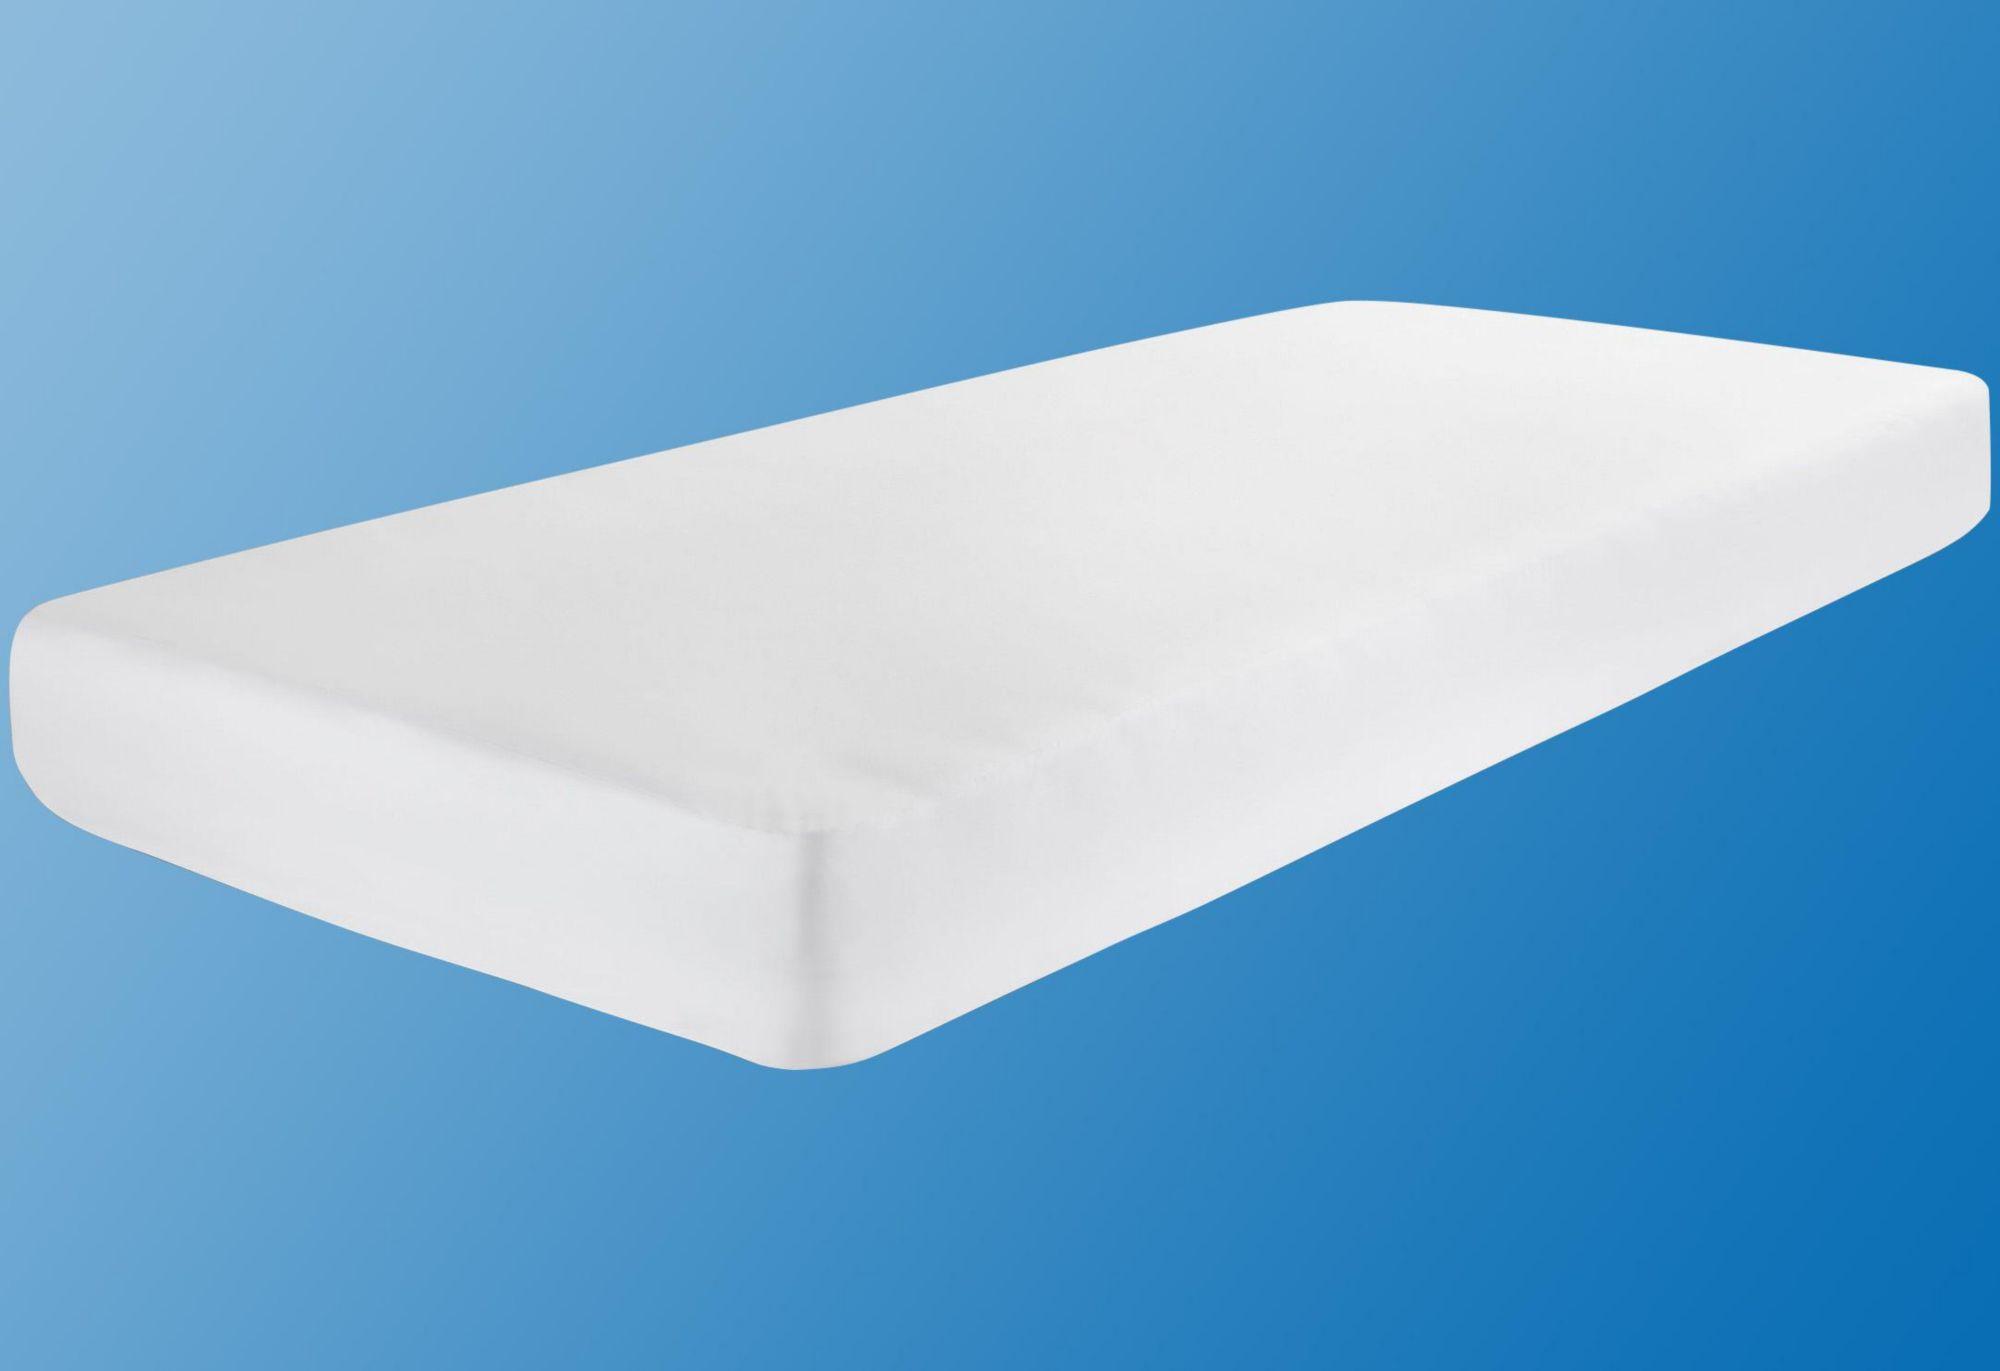 DORMISETTE Matratzenspannbetttuch, »Dormisette Protect & Care wasserdichtes Spannbettlaken«, Dormisette